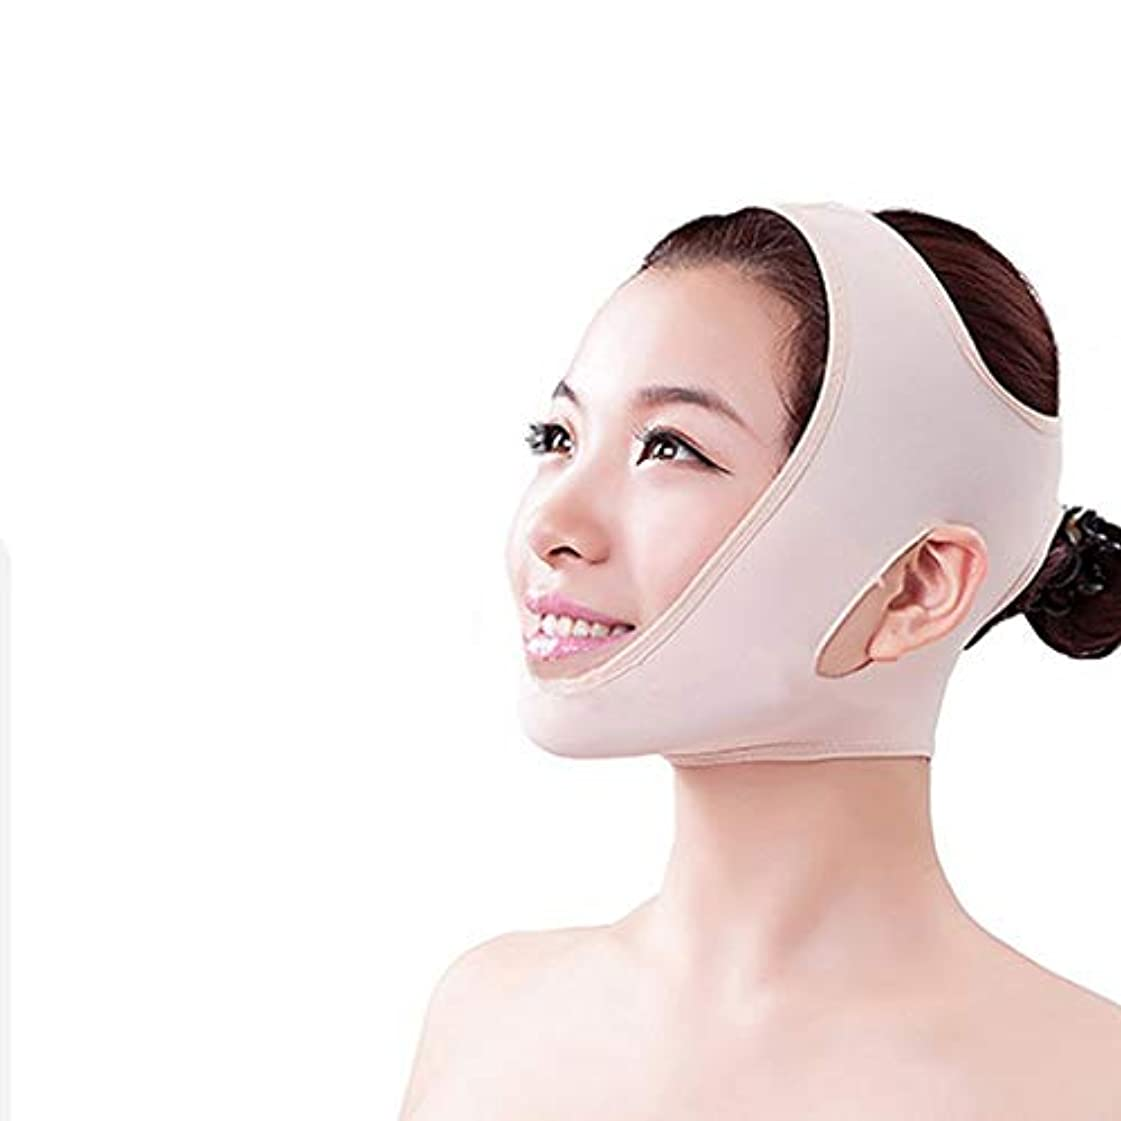 すり減る拒否でる顔面顔マスク v 顔リフトリフティング引き締め睡眠ライン刻まれた顔包帯,L